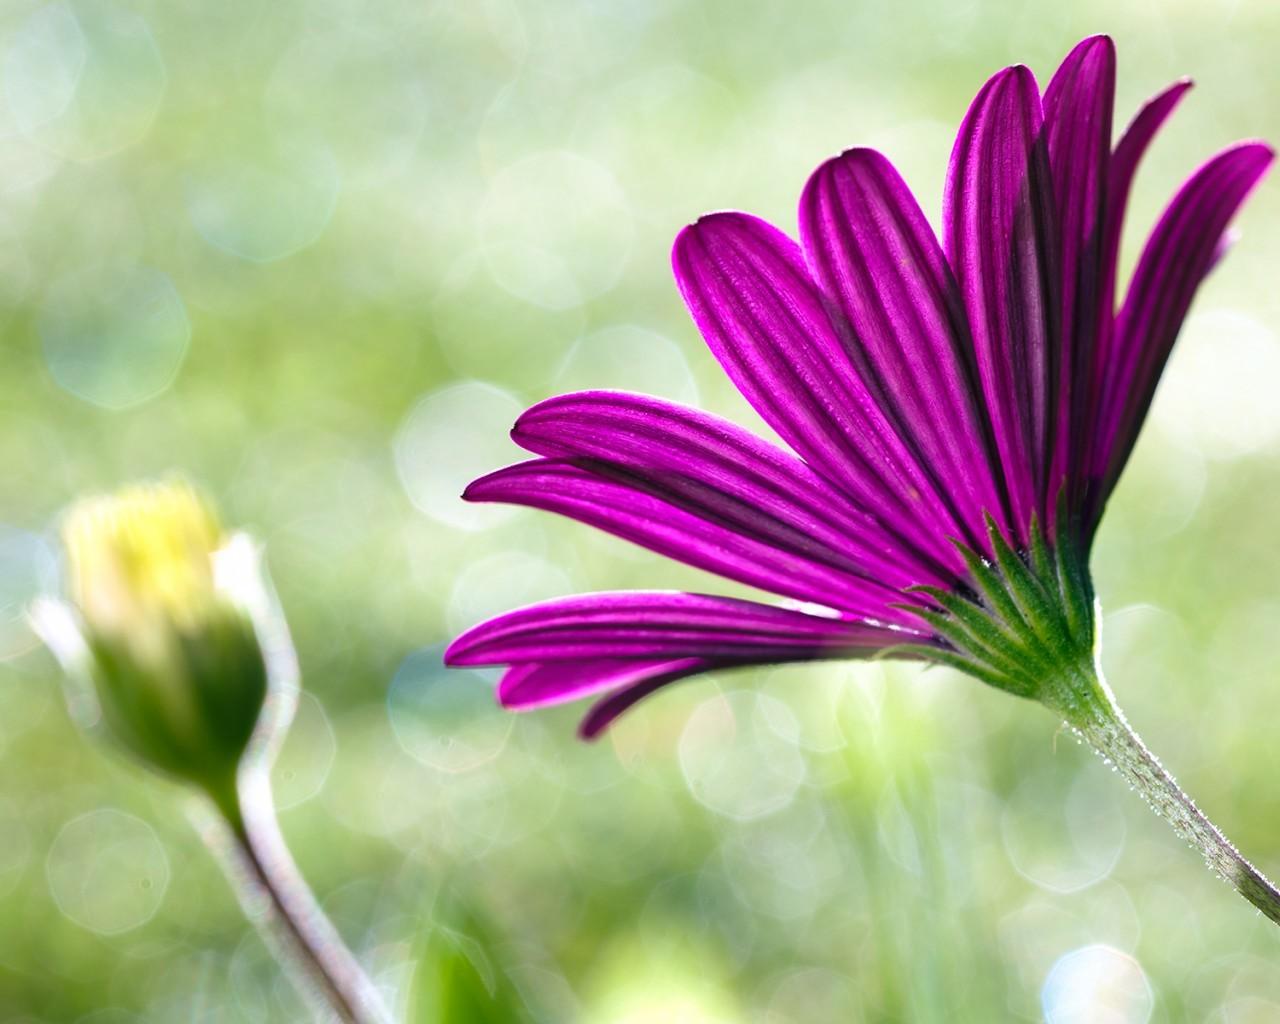 19560 скачать обои Растения, Цветы - заставки и картинки бесплатно